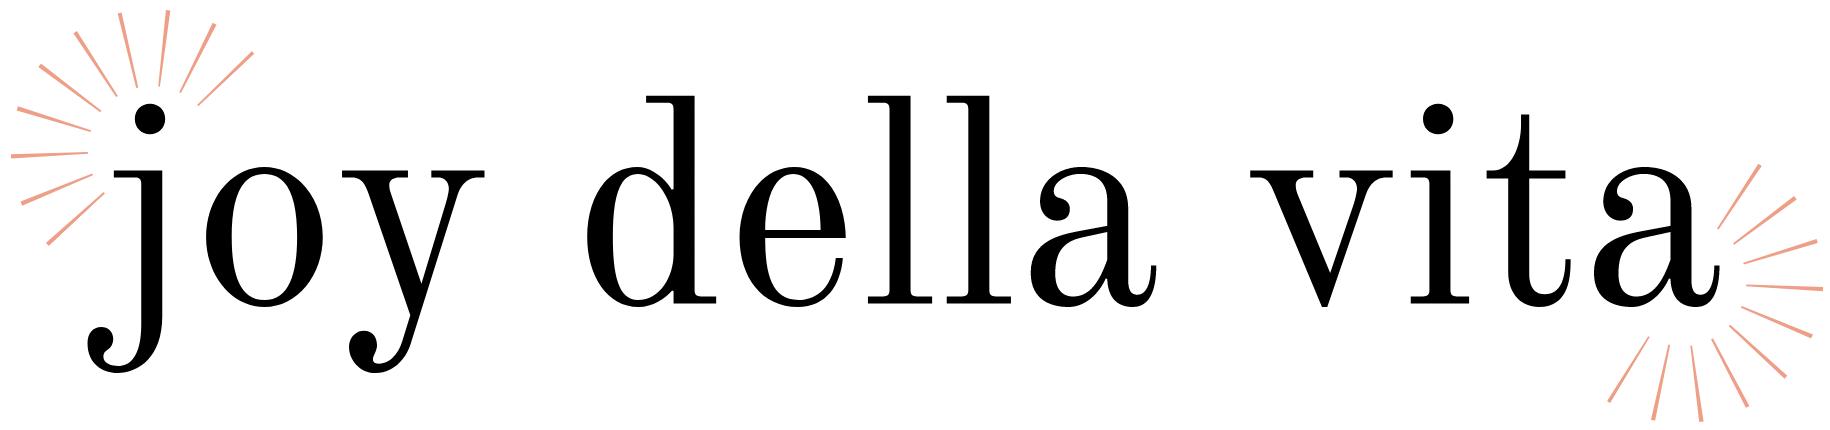 Joy Della Vita Blog Logo 21